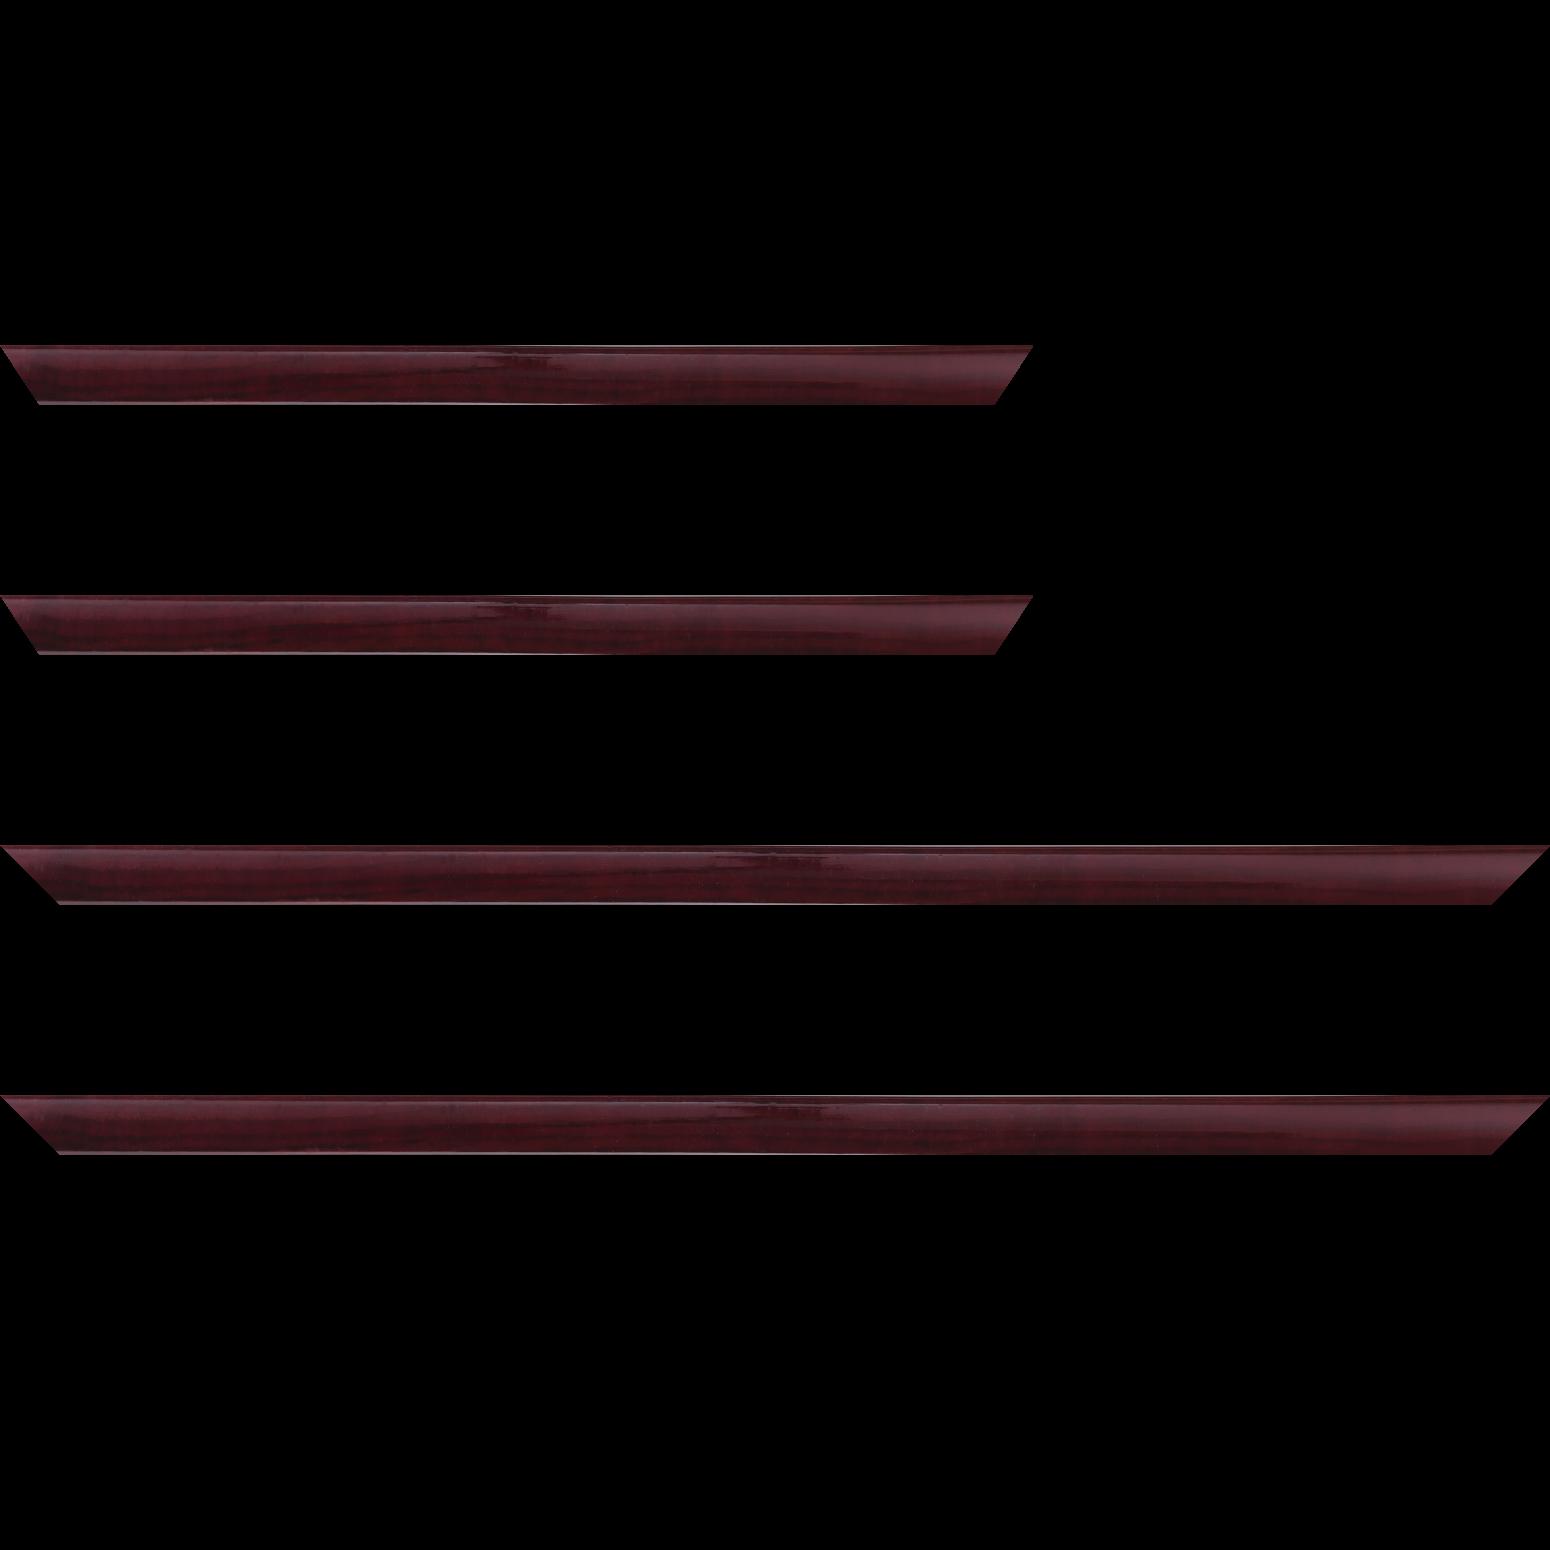 Baguette service précoupé Bois profil arrondi plongeant largeur 2cm couleur bordeaux vernis sur pin (veine du bois apparent)